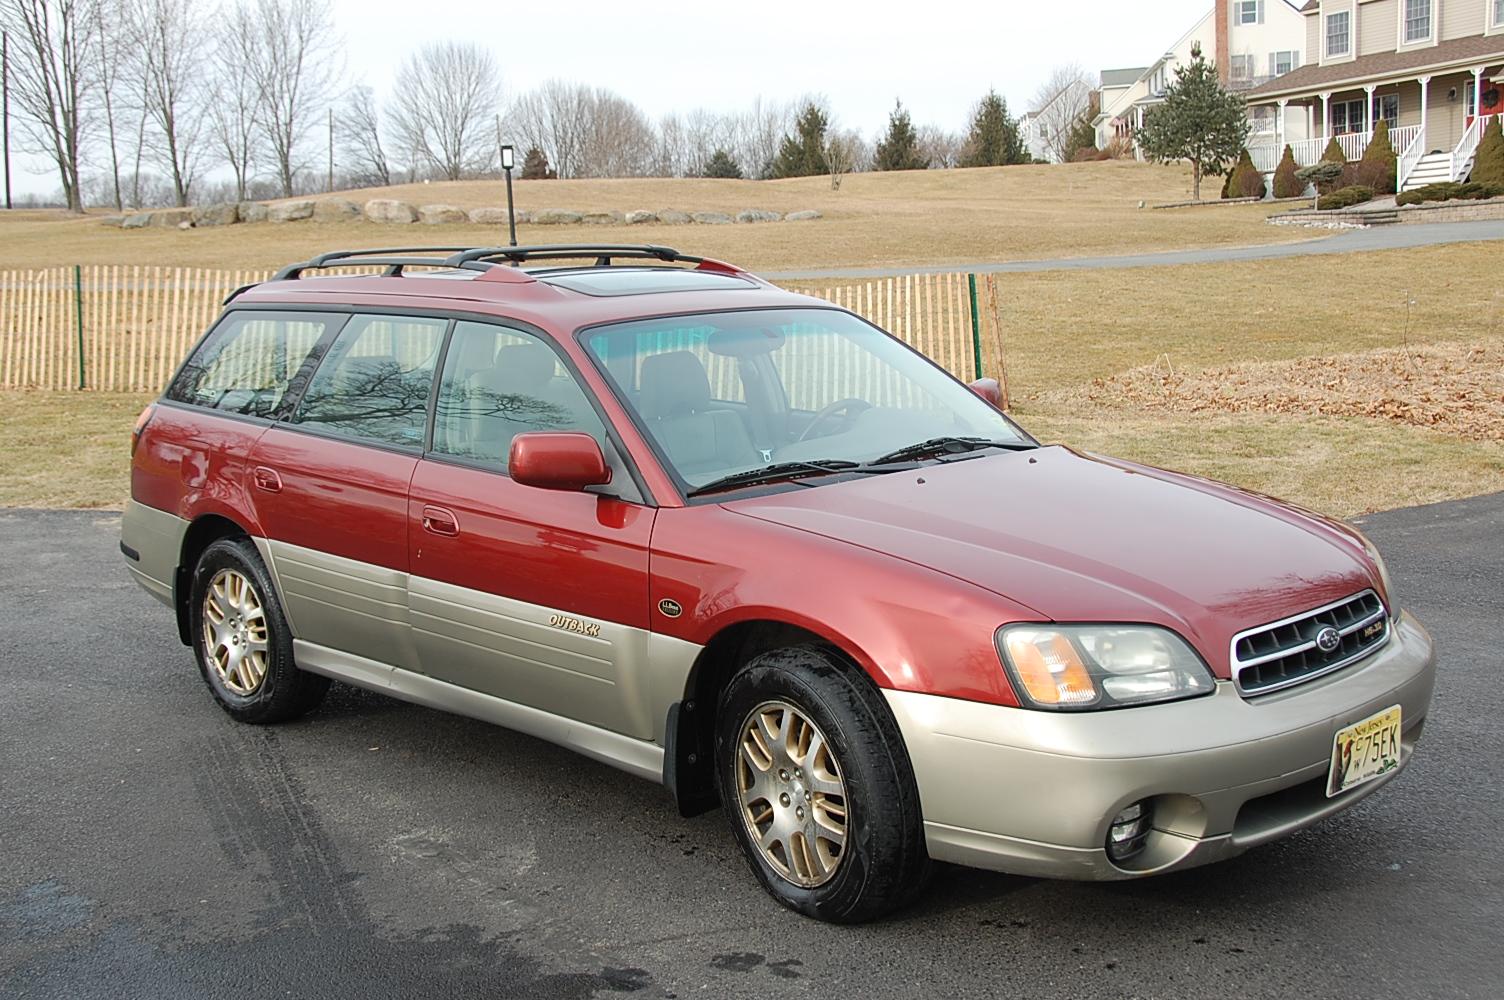 2002 Subaru Outback Pictures Cargurus